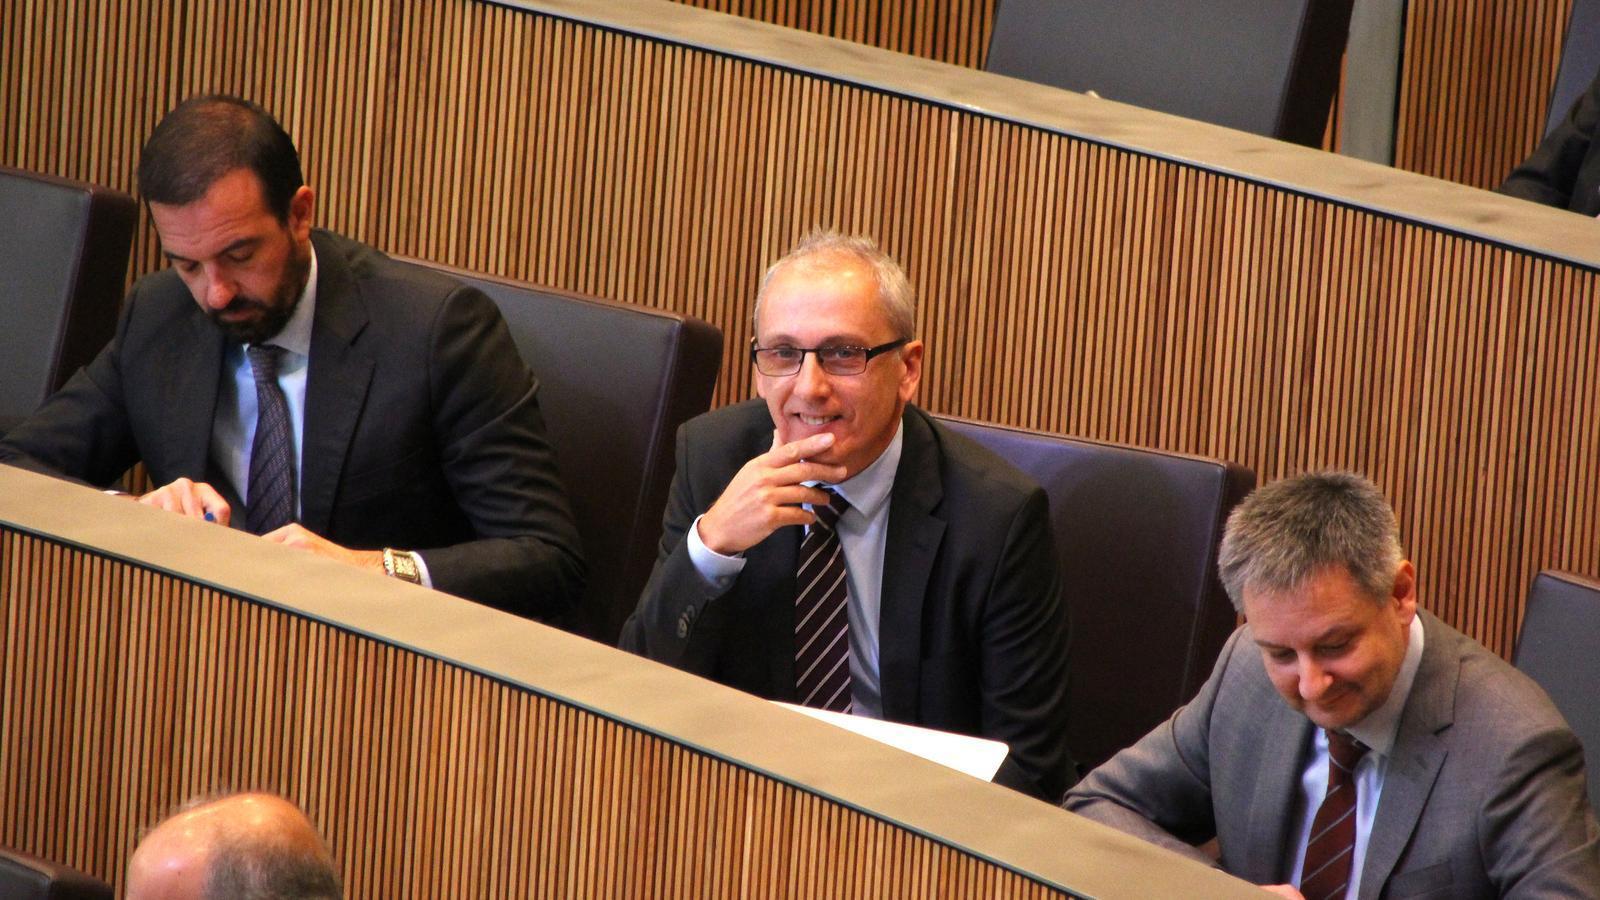 El ministre de Turisme, Francesc Camp, durant la sessió de Consell General. / M. F. (ANA)